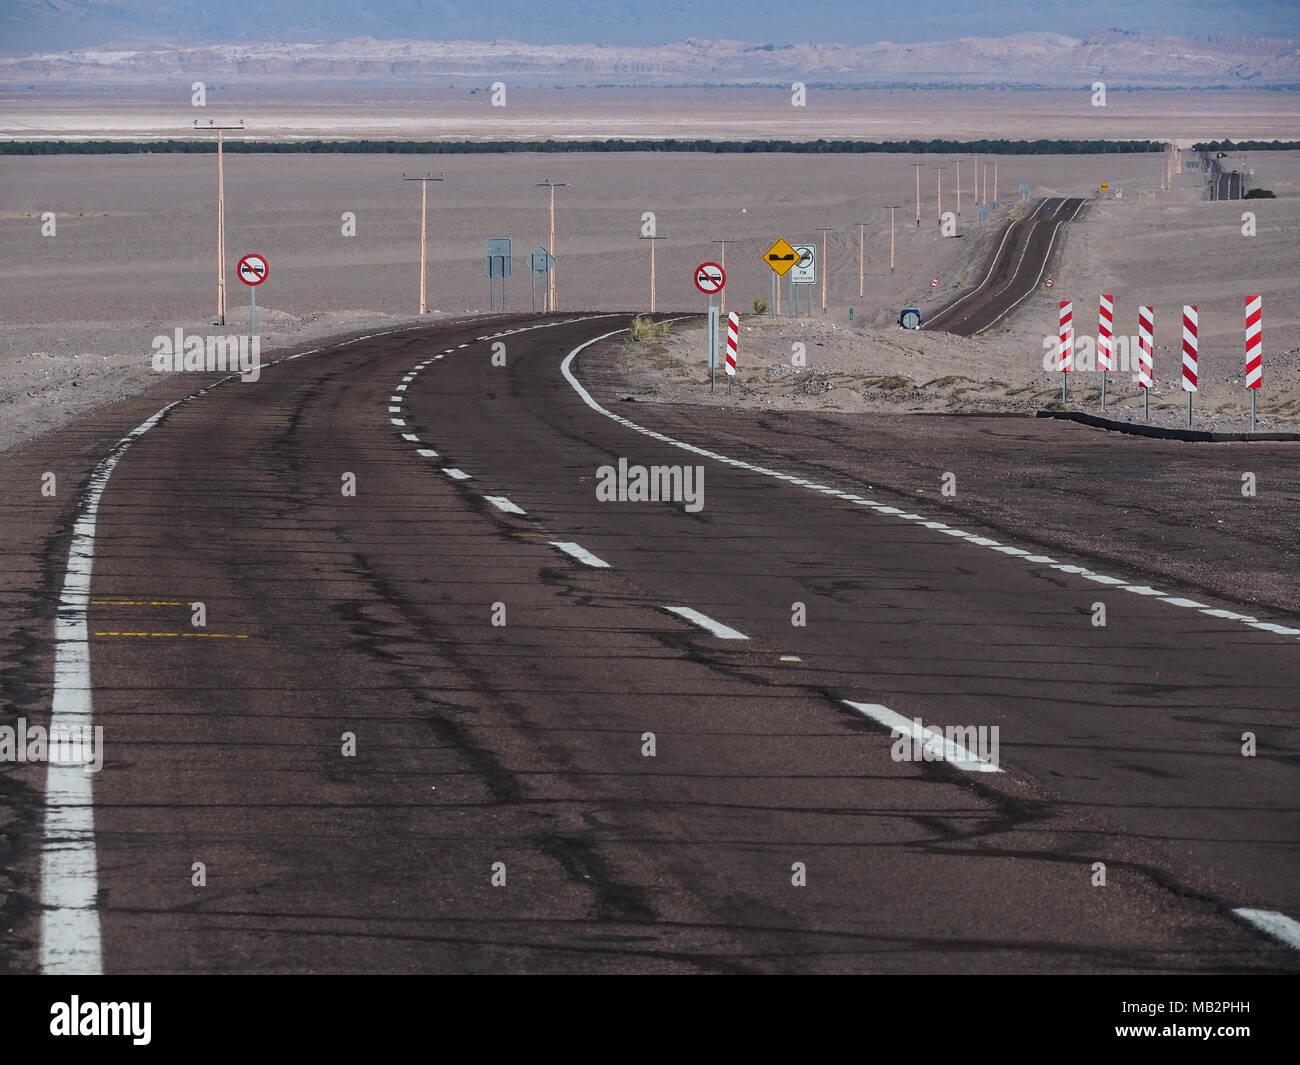 Weg mit vielen Verkehrszeichen in der Nähe von San Pedro de Atacama, Chile, Südamerika Stockbild